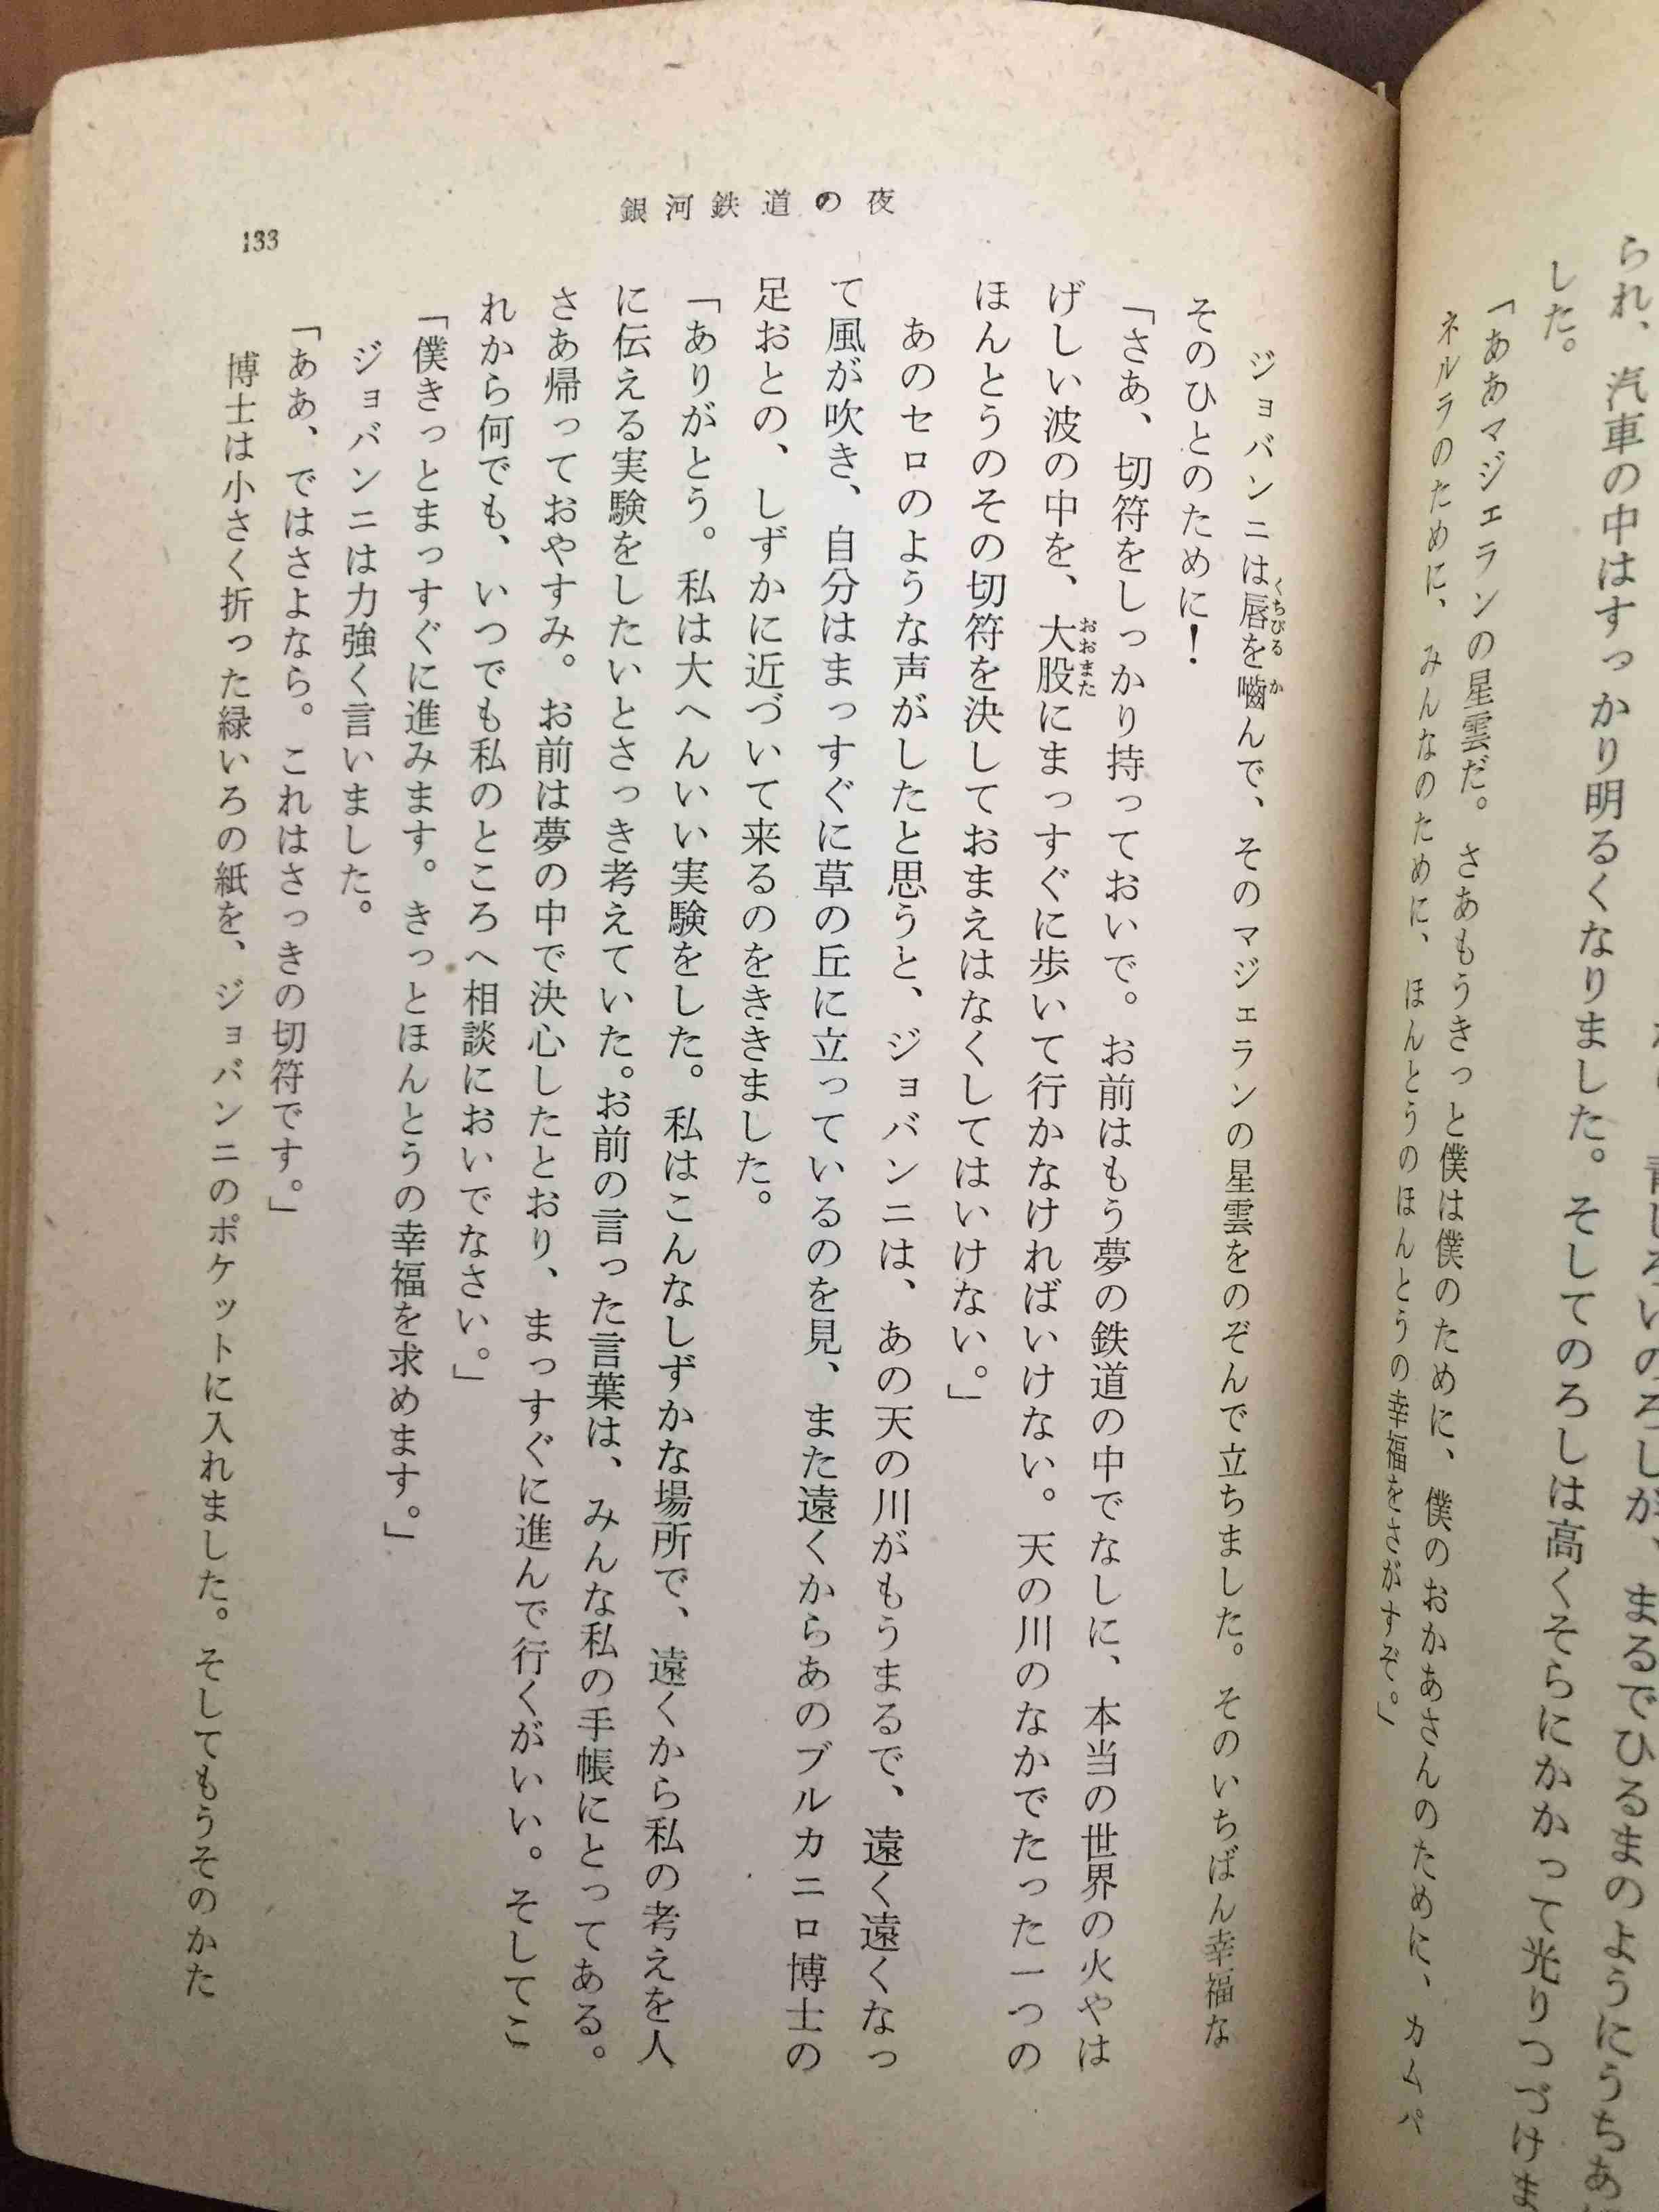 宮沢賢治を語るトピ